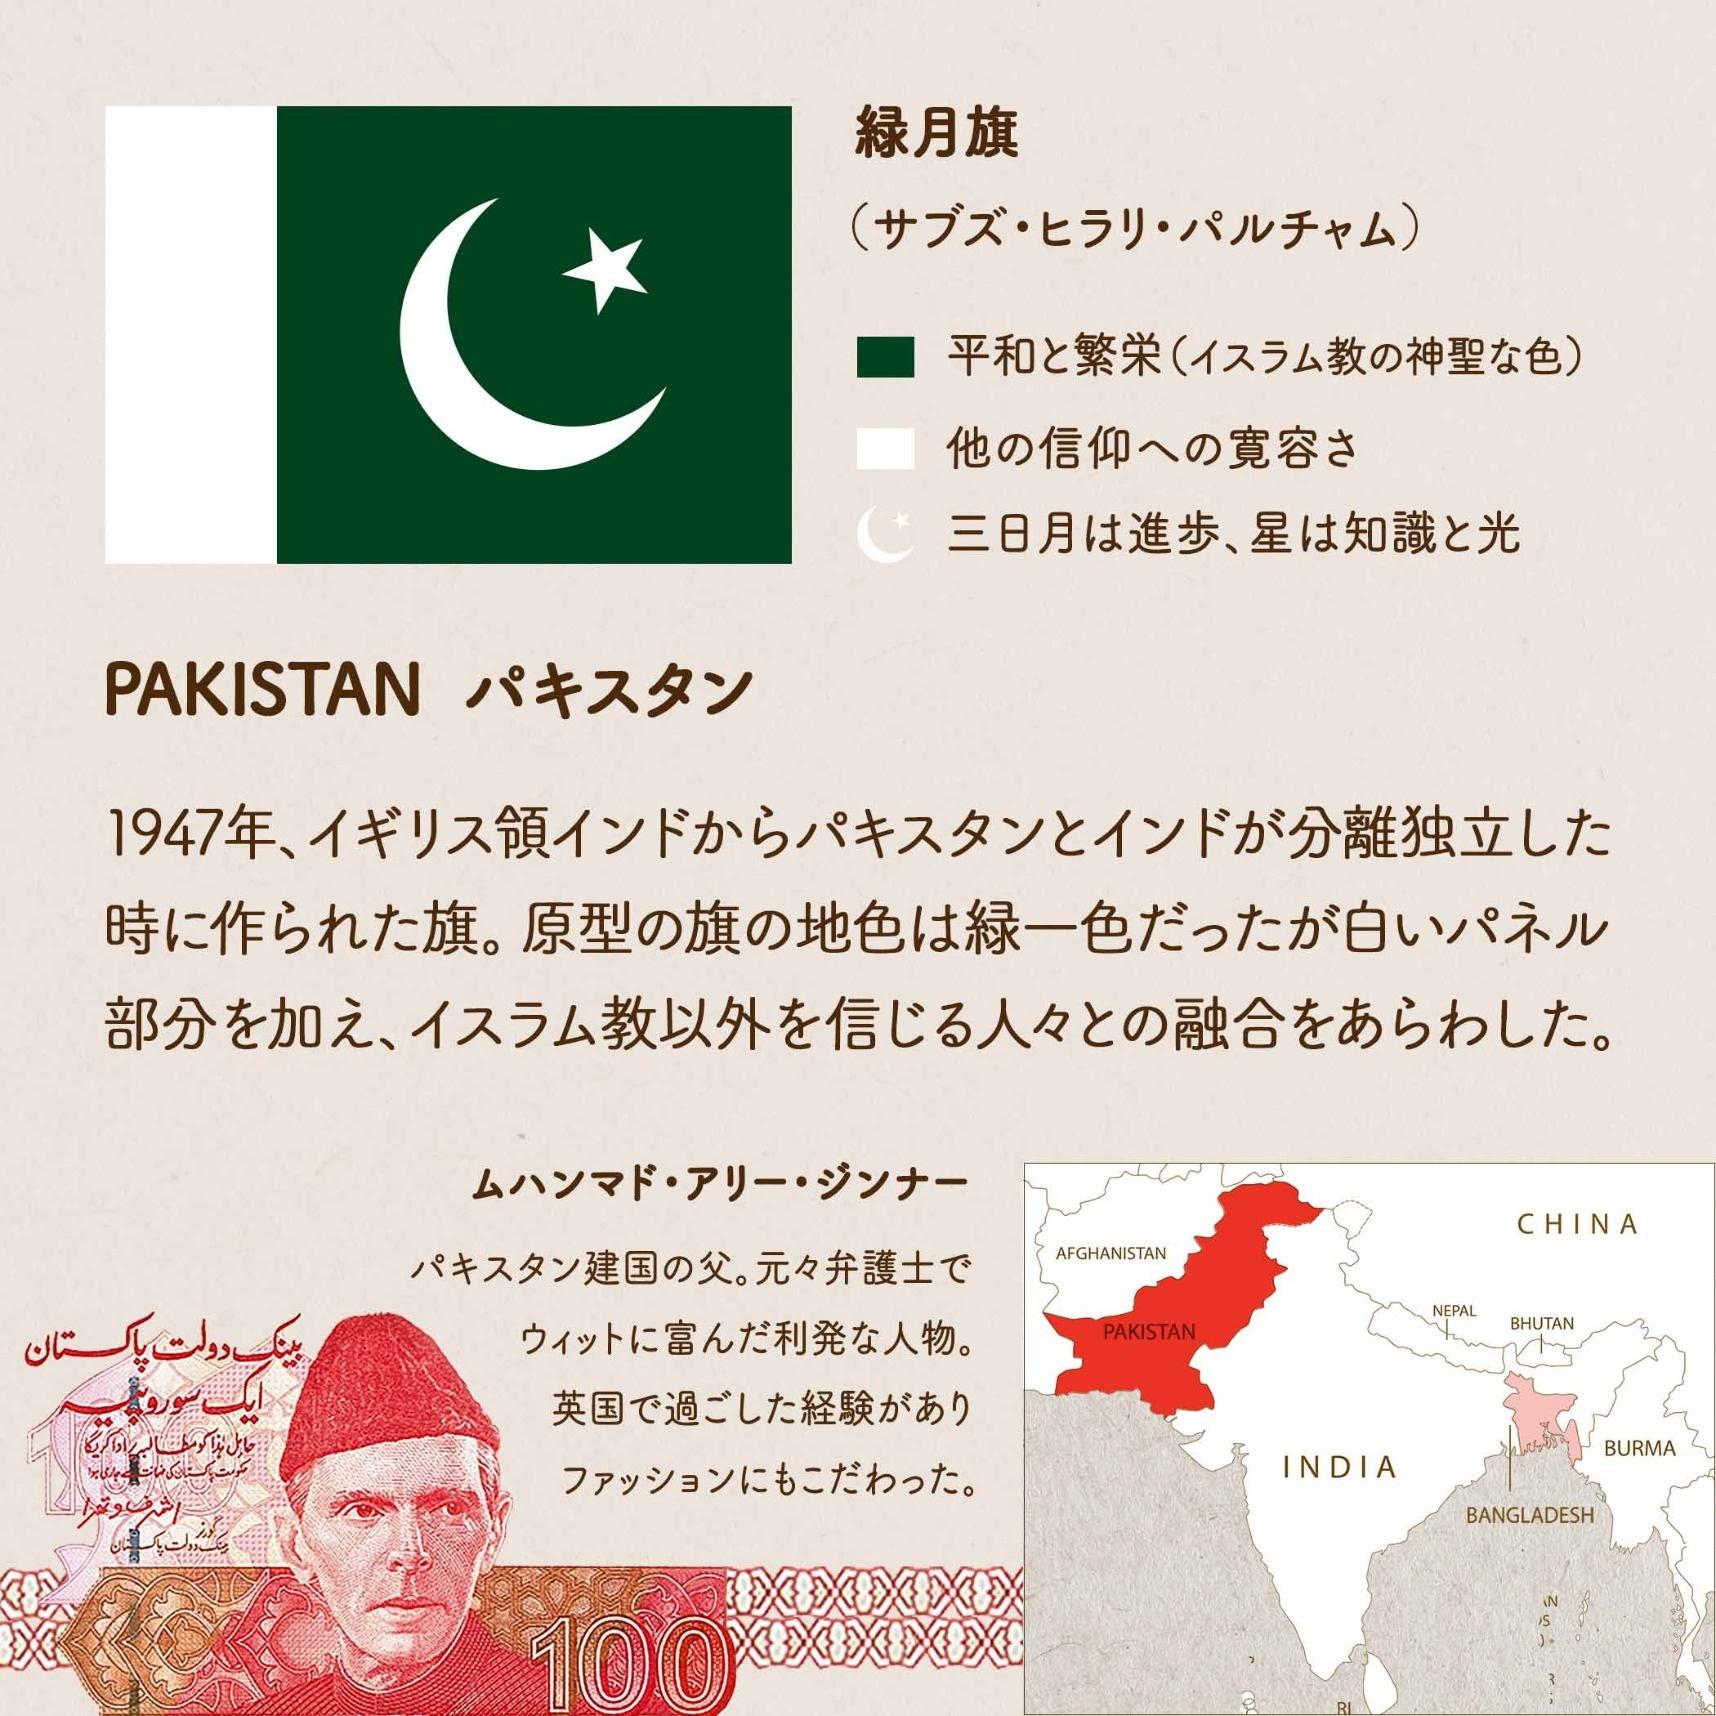 PAKISTAN パキスタン/1947年、イギリス領インドからパキスタンとインドが分離独立した時に作られた。原型の旗の地色は緑一色だったが、白いパネル部分を加え、イスラム教以外を信じる人々との融合をあらわした。緑月旗(サブズ・ヒラリ・パルチャム)/緑=平和と繁栄(イスラム教の神聖な色) 白=他の信仰への寛容さ 三日月と星のシンボル=三日月は進歩、星は知識と光 ムハンマド・アリー・ジンナー/パキスタン建国の父。元々弁護士でウィットに富んだ利発な人物。英国で過ごした経験がありファッションにもこだわった。